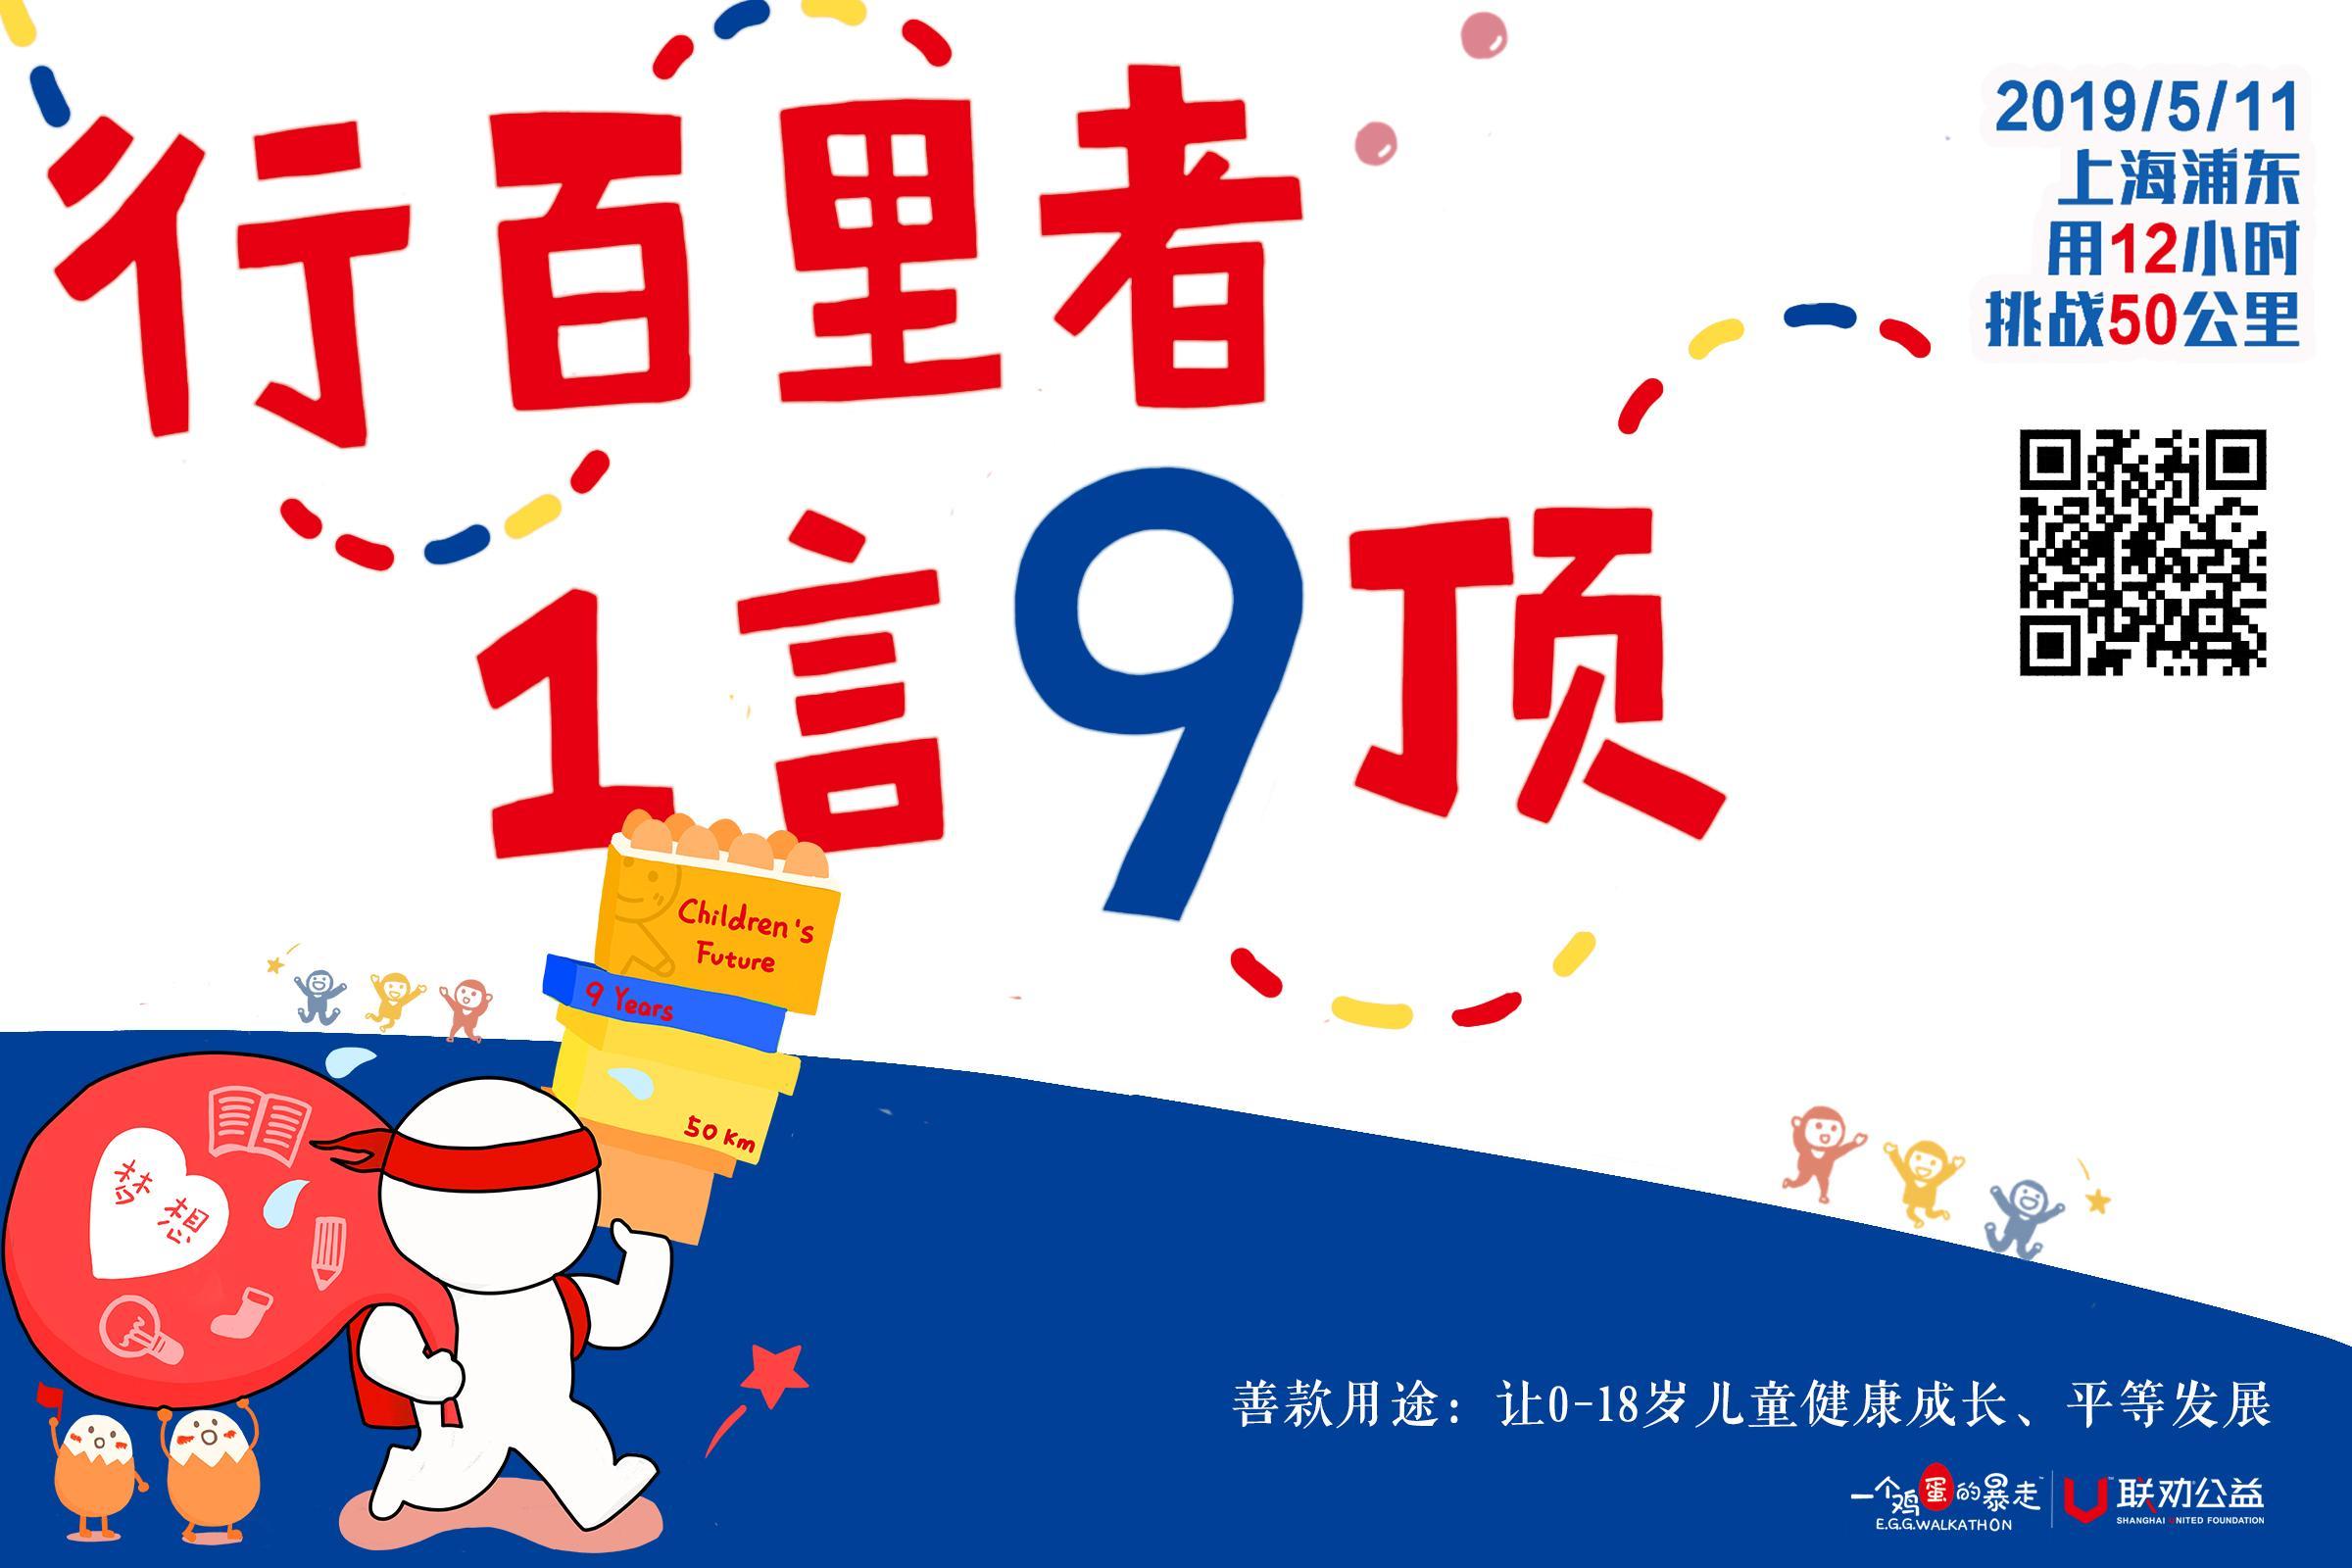 2019手机banner